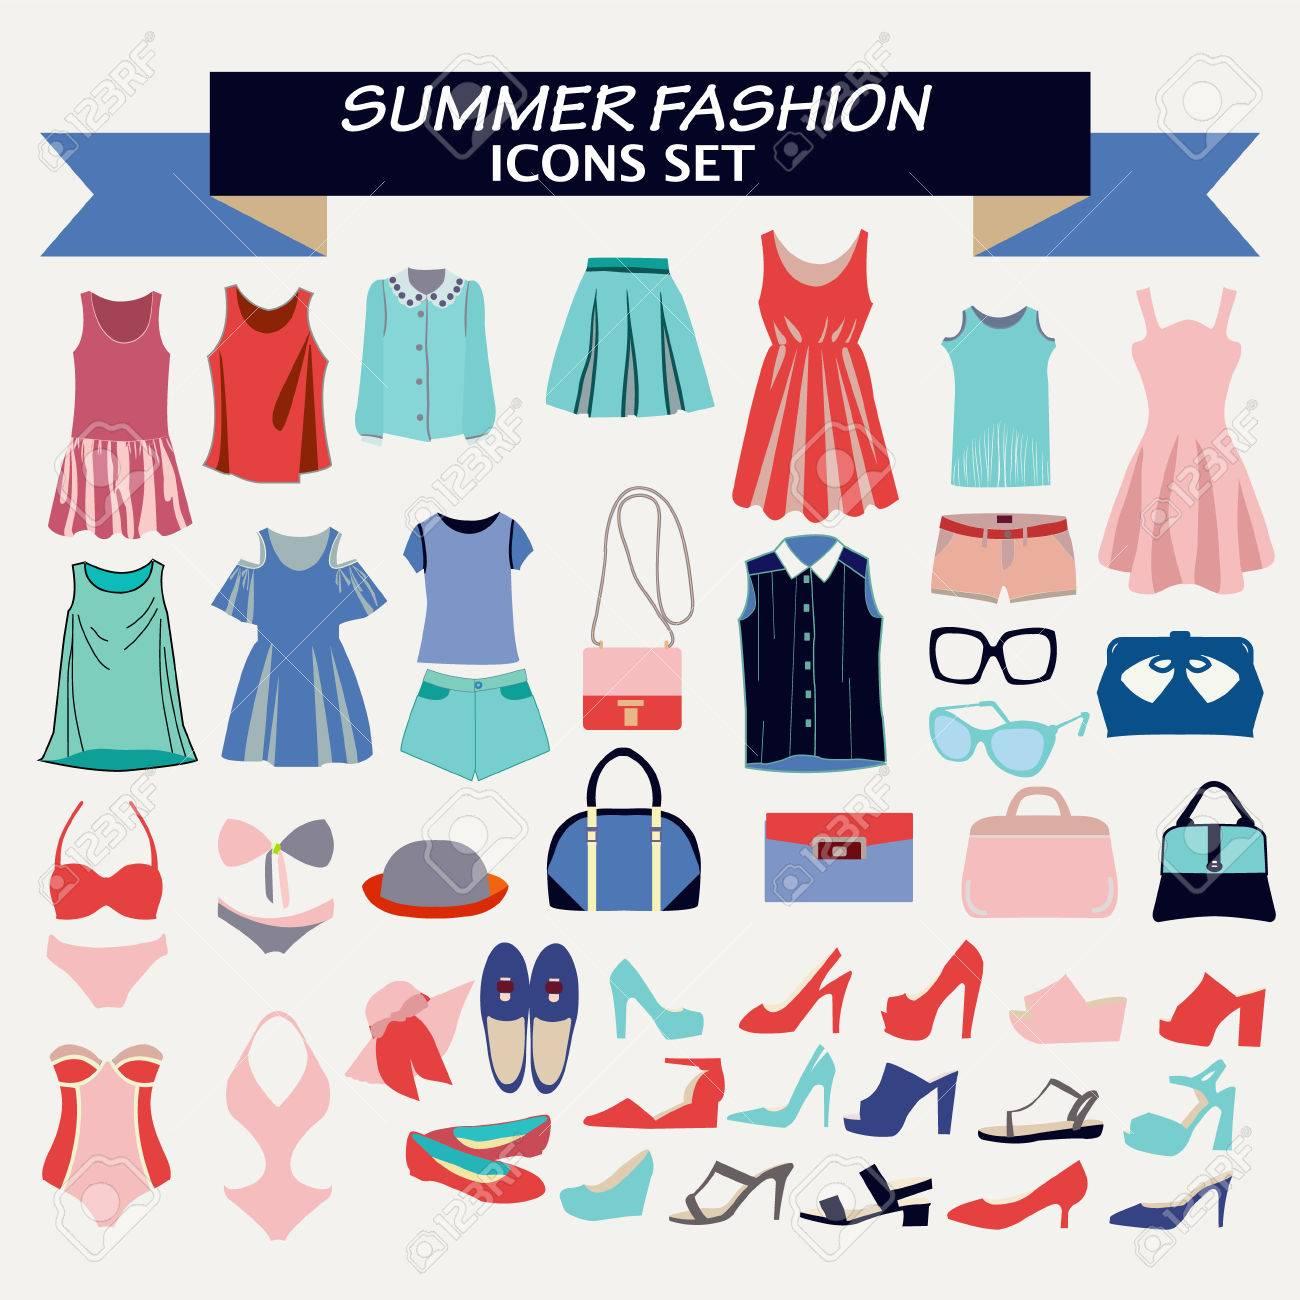 fed393ad7 Foto de archivo - Moda hermosa colección de ropa de mujer y accesorios.  tienda de moda para la mirada de diseño de moda - Ilustración